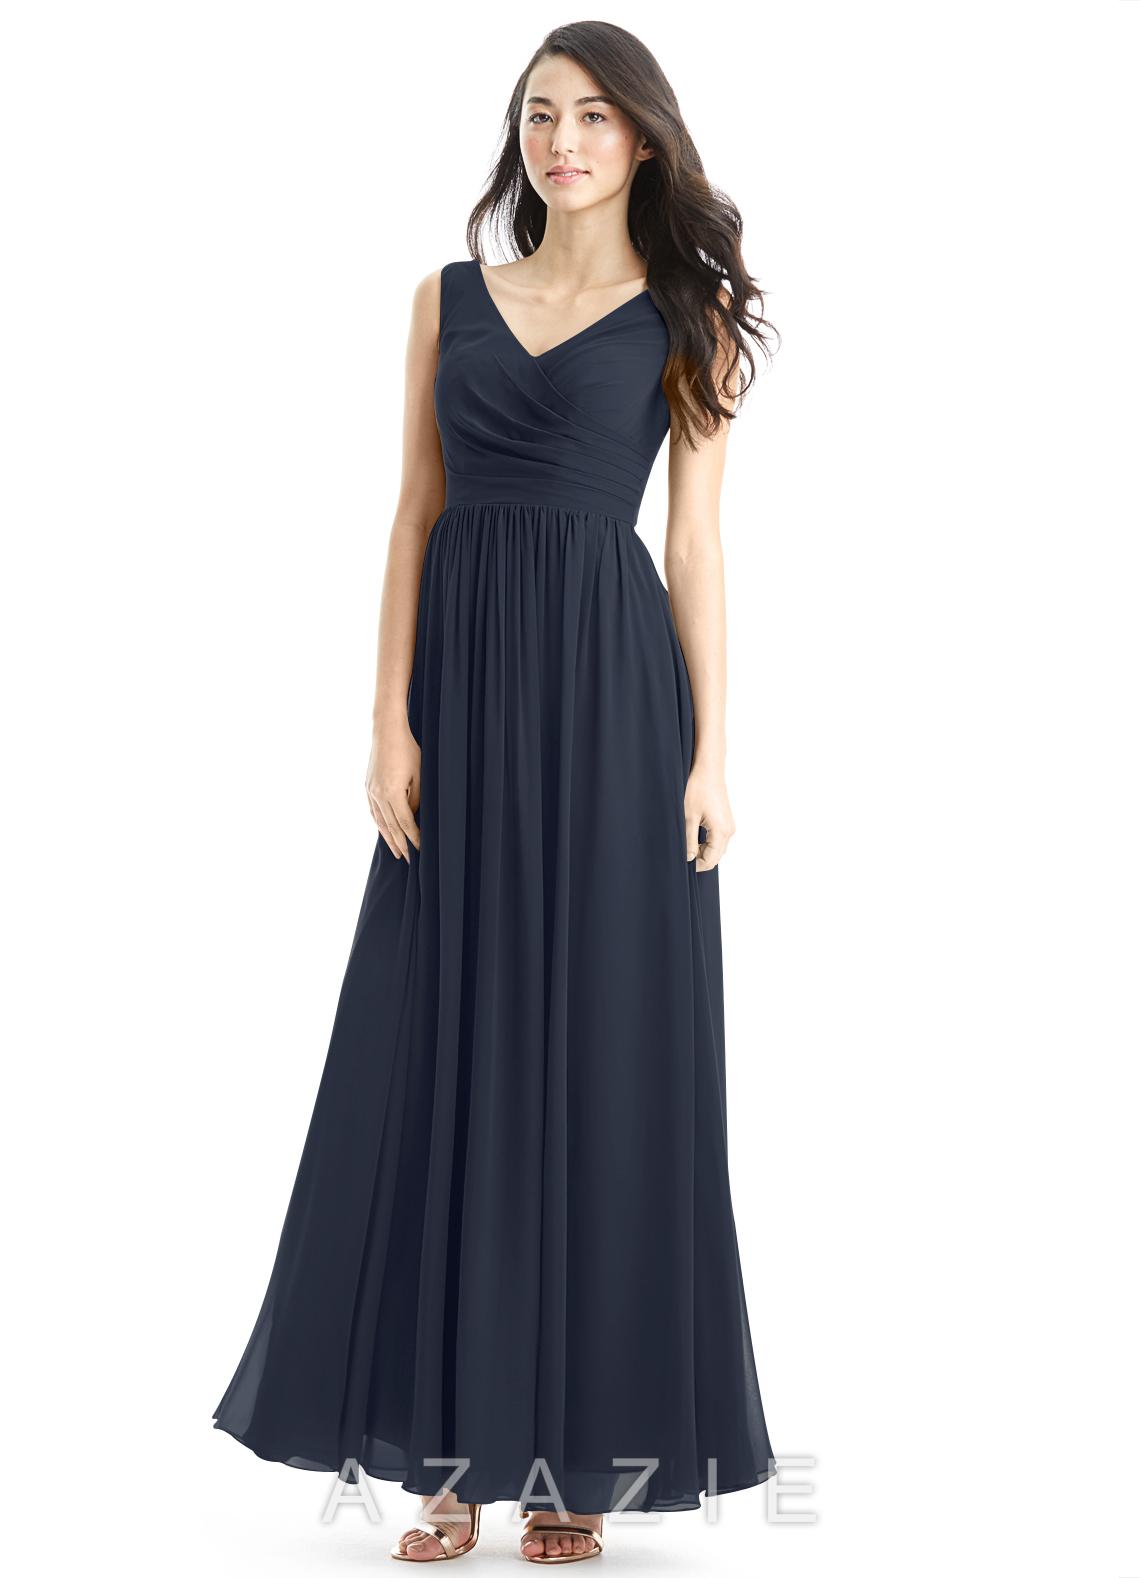 Azazie keyla bridesmaid dress azazie for Where can i get my wedding dress steamed